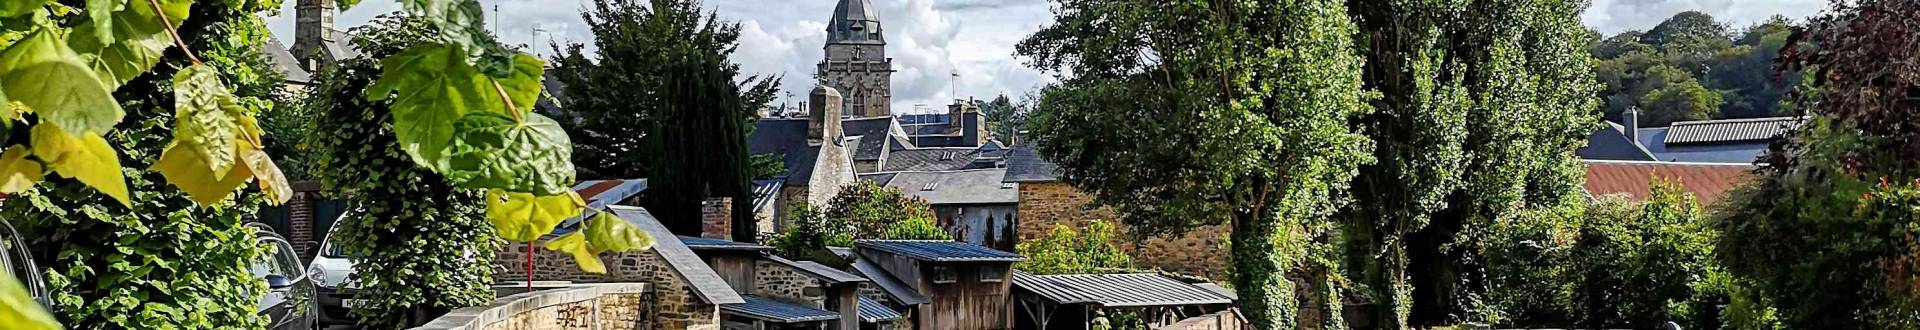 Office tourisme | Villedieu-les-Poêles-Rouffigny France | 360 3D VR tours